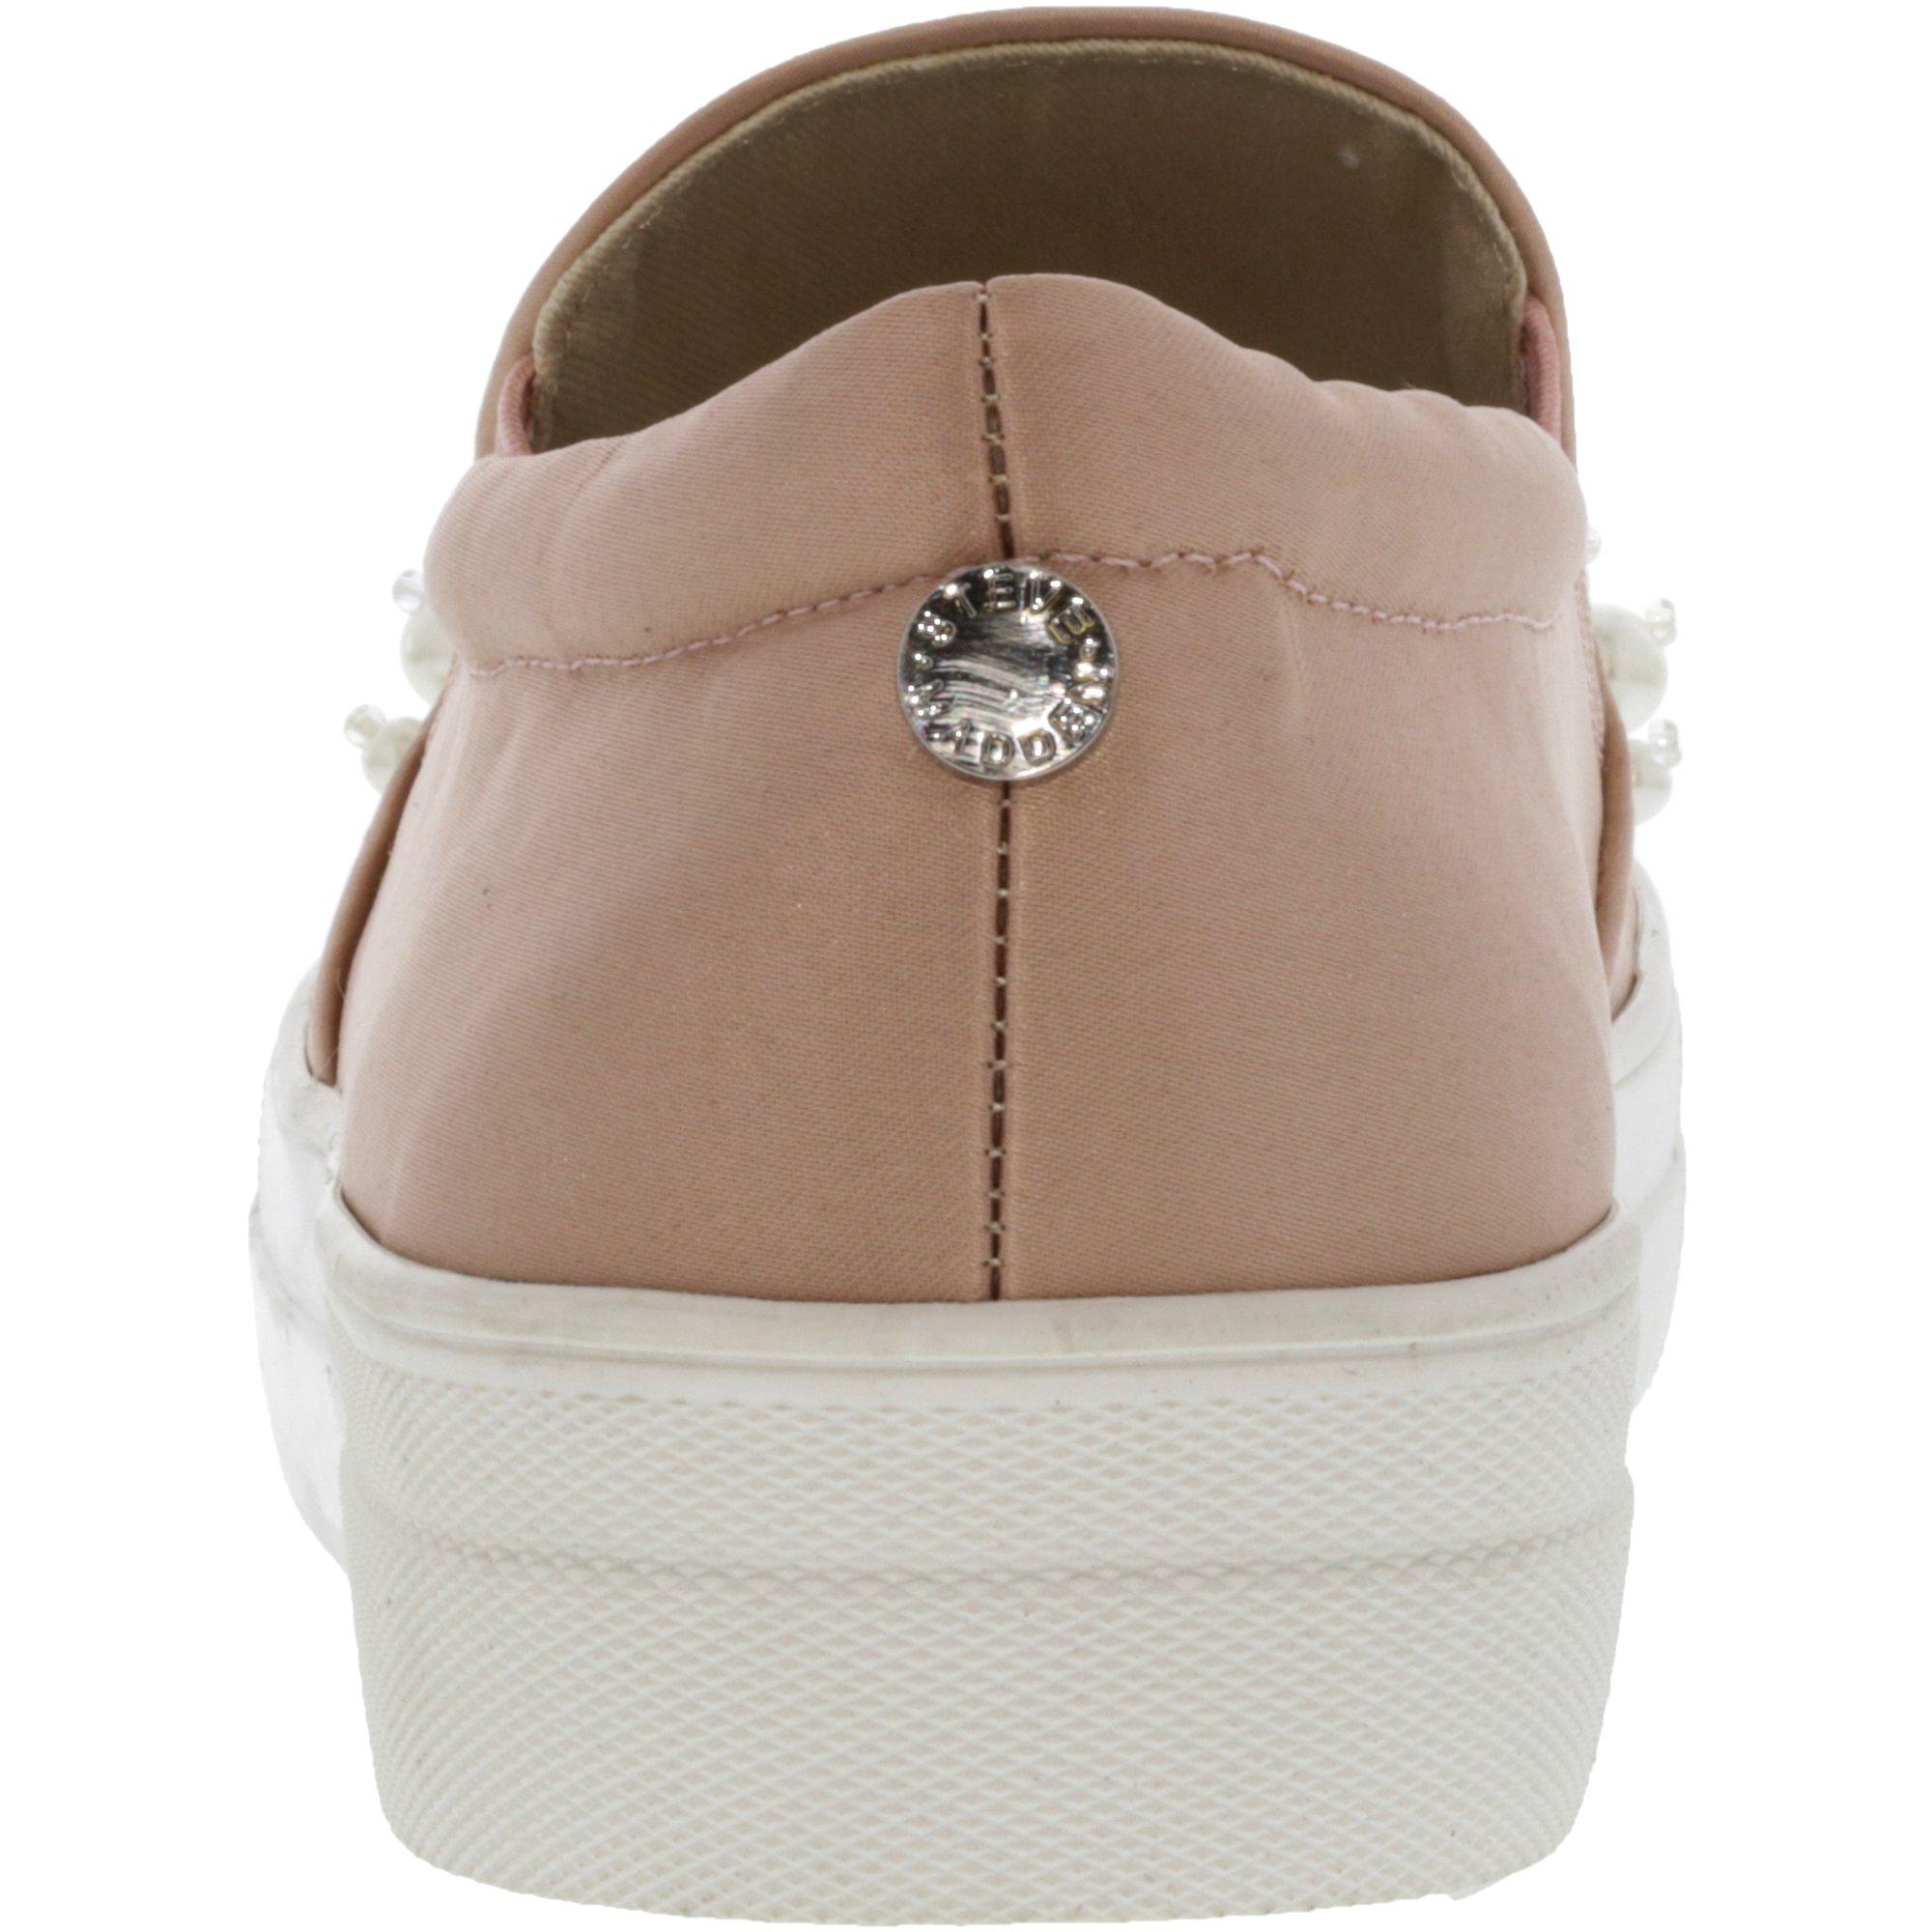 06e0c51b821 Steve Madden Women s Glamour Satin Blush Ankle-High Slip-On Shoes - 10M